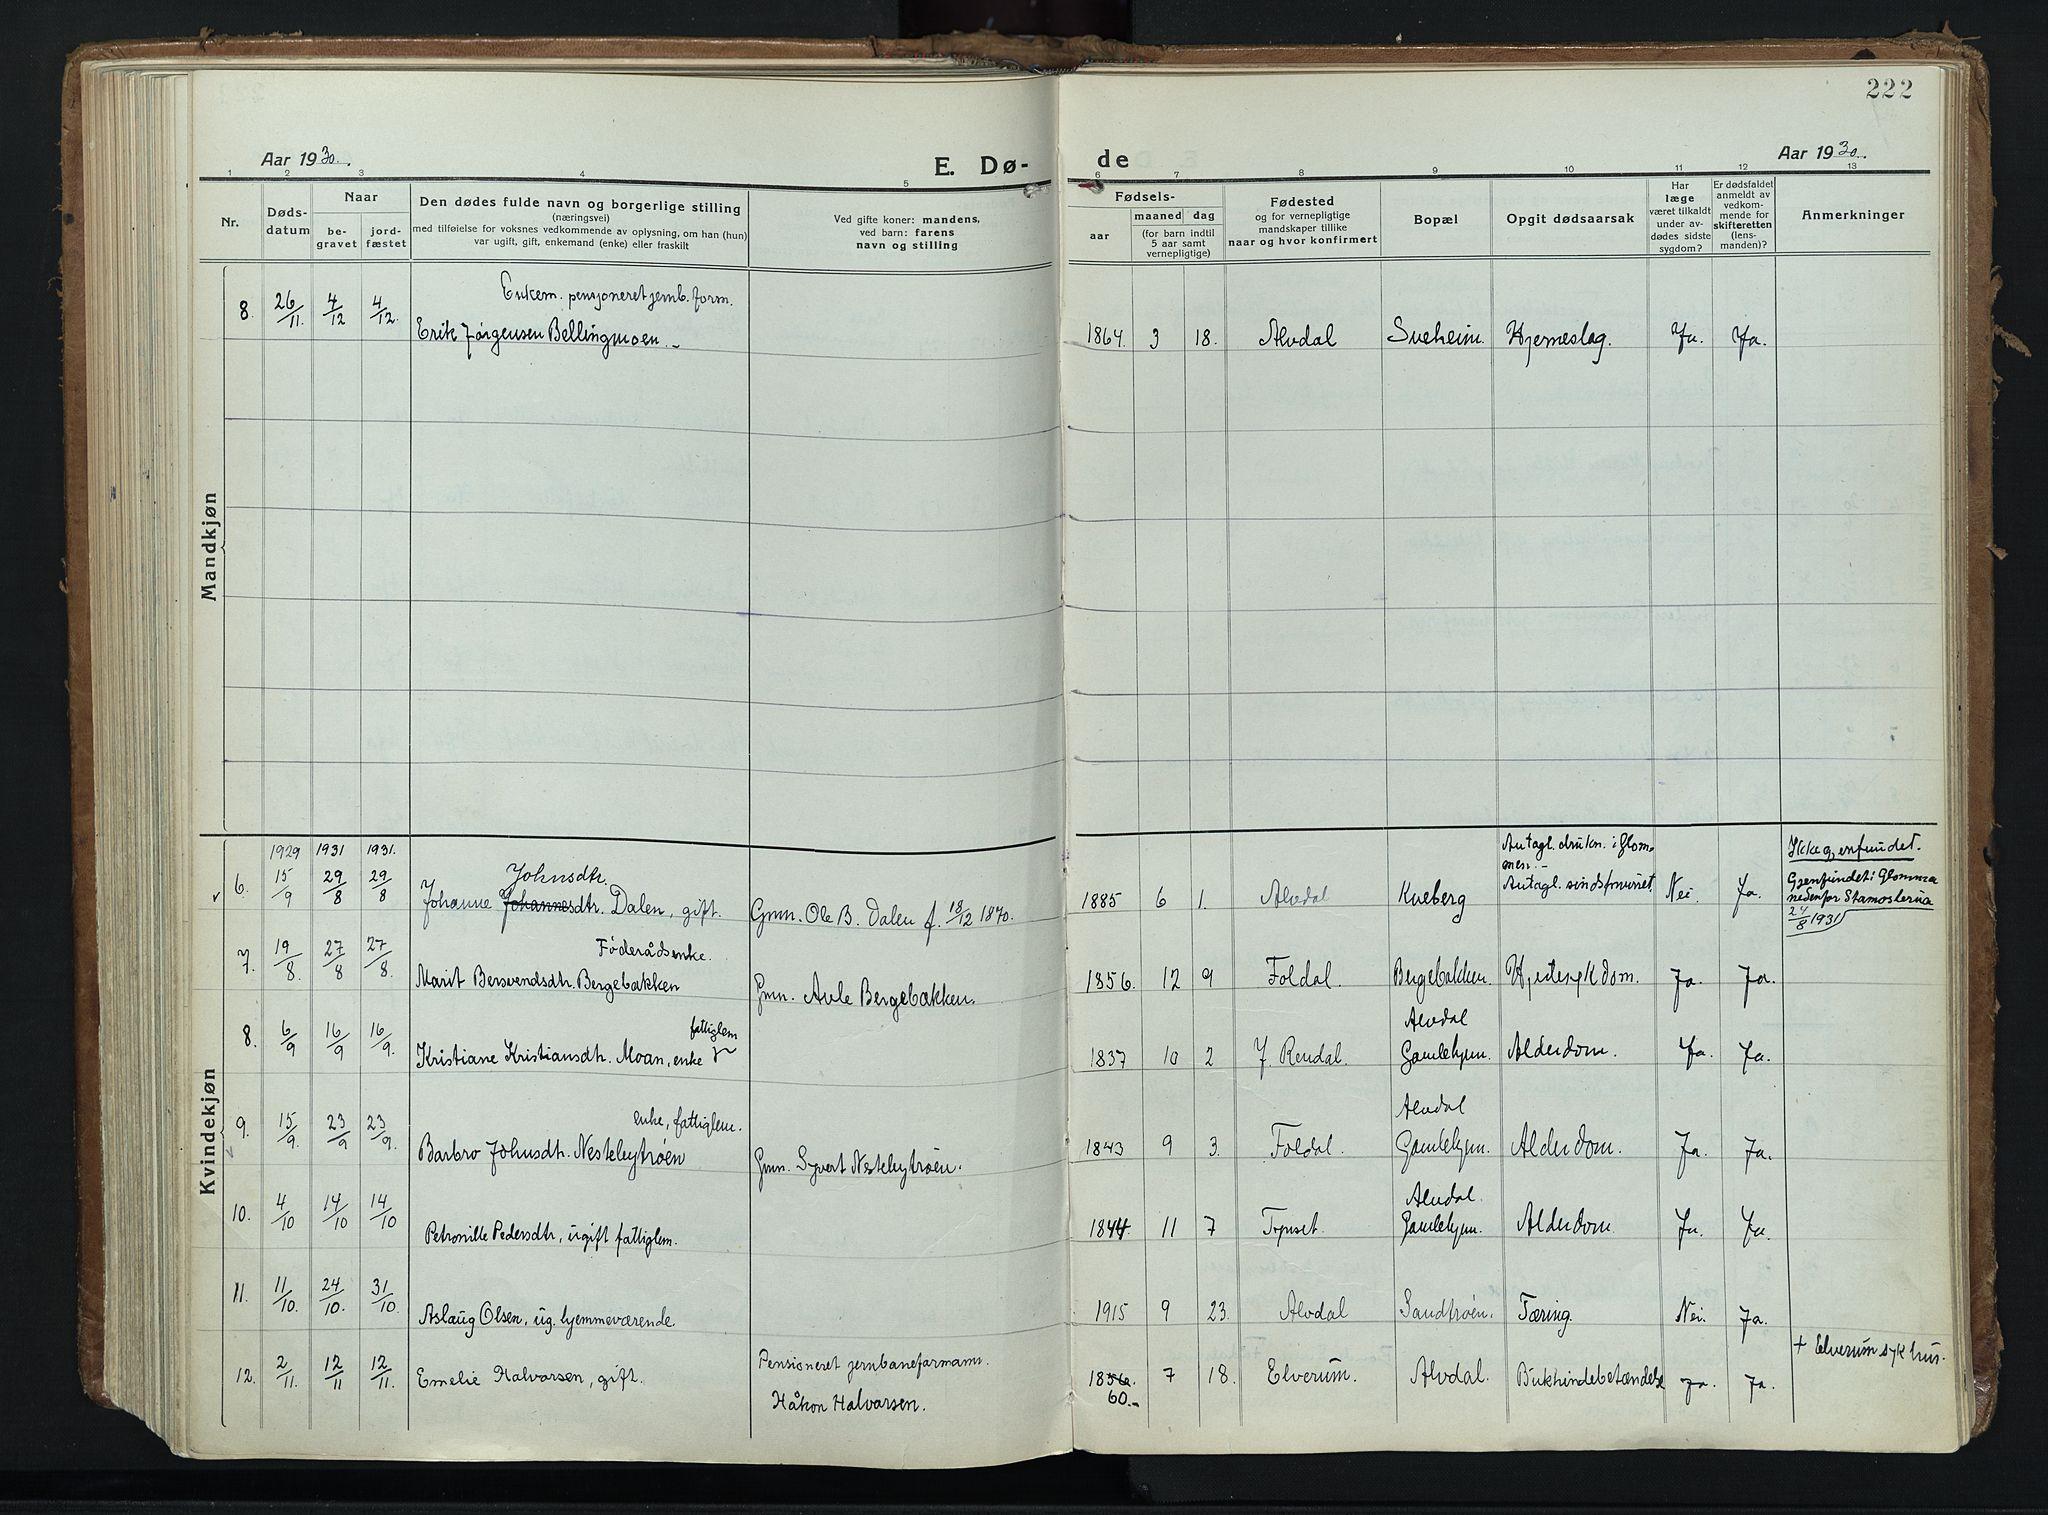 SAH, Alvdal prestekontor, Ministerialbok nr. 6, 1920-1937, s. 222